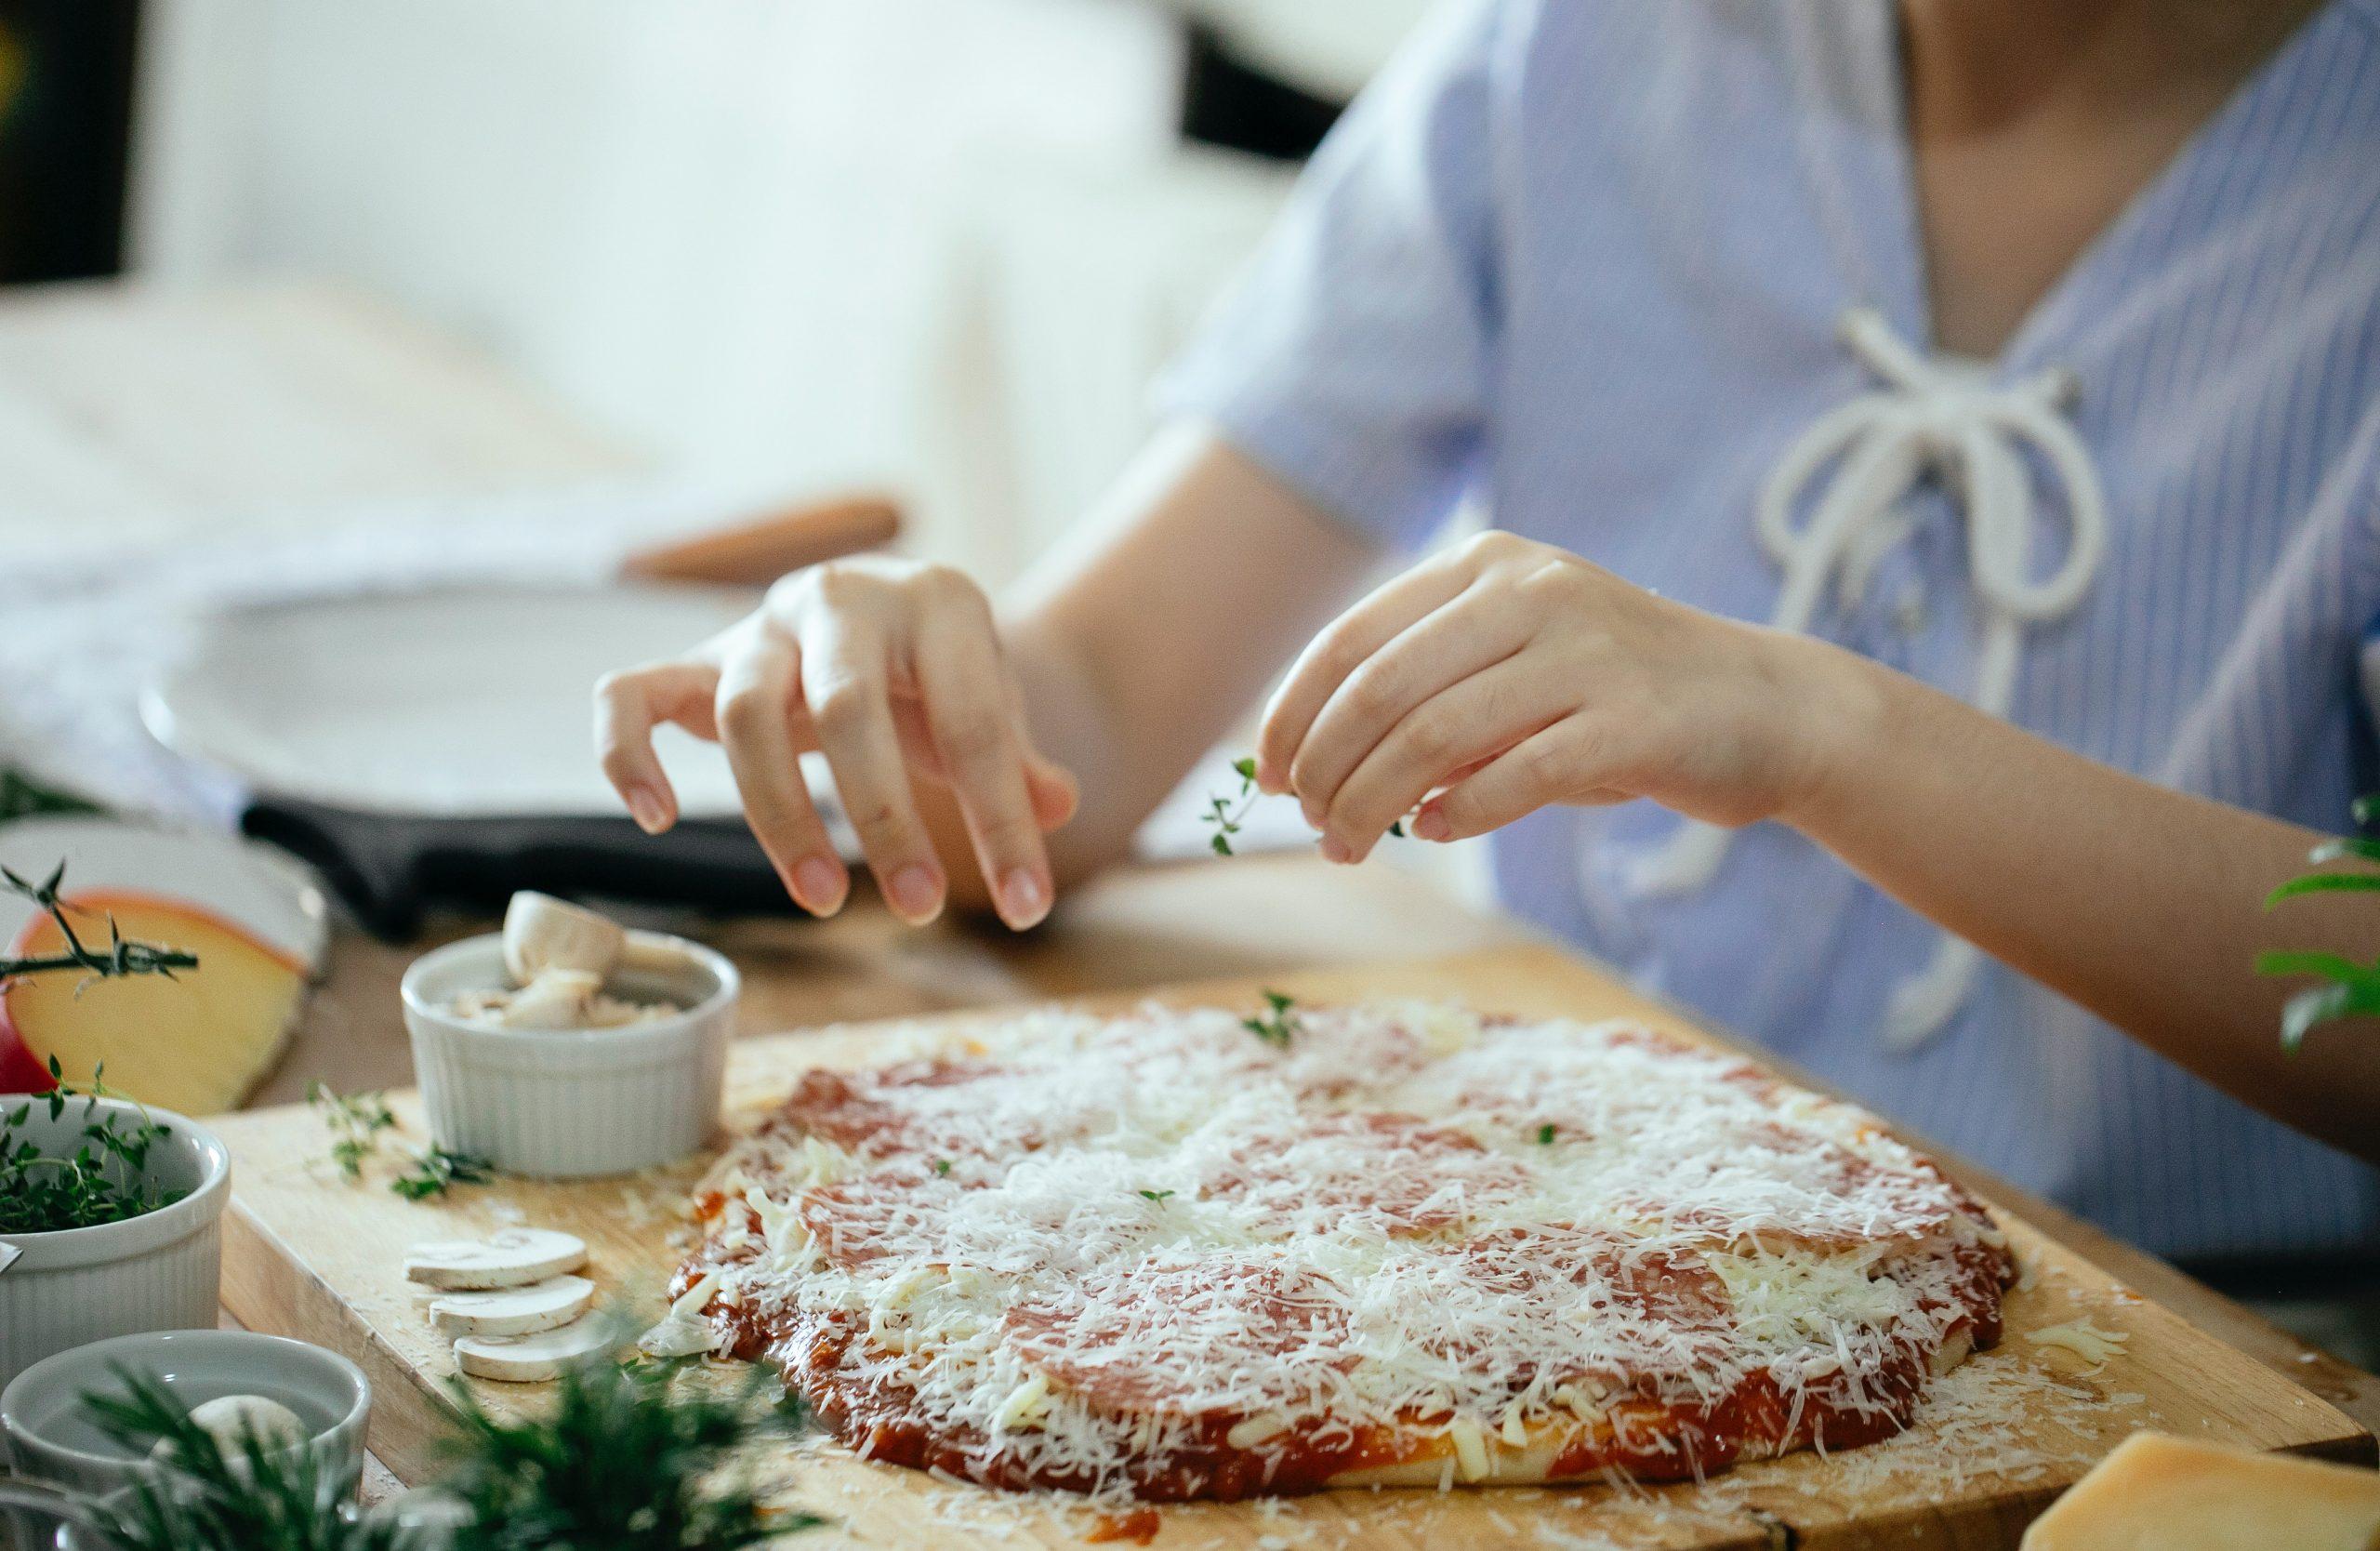 pizza con lavadura traducional